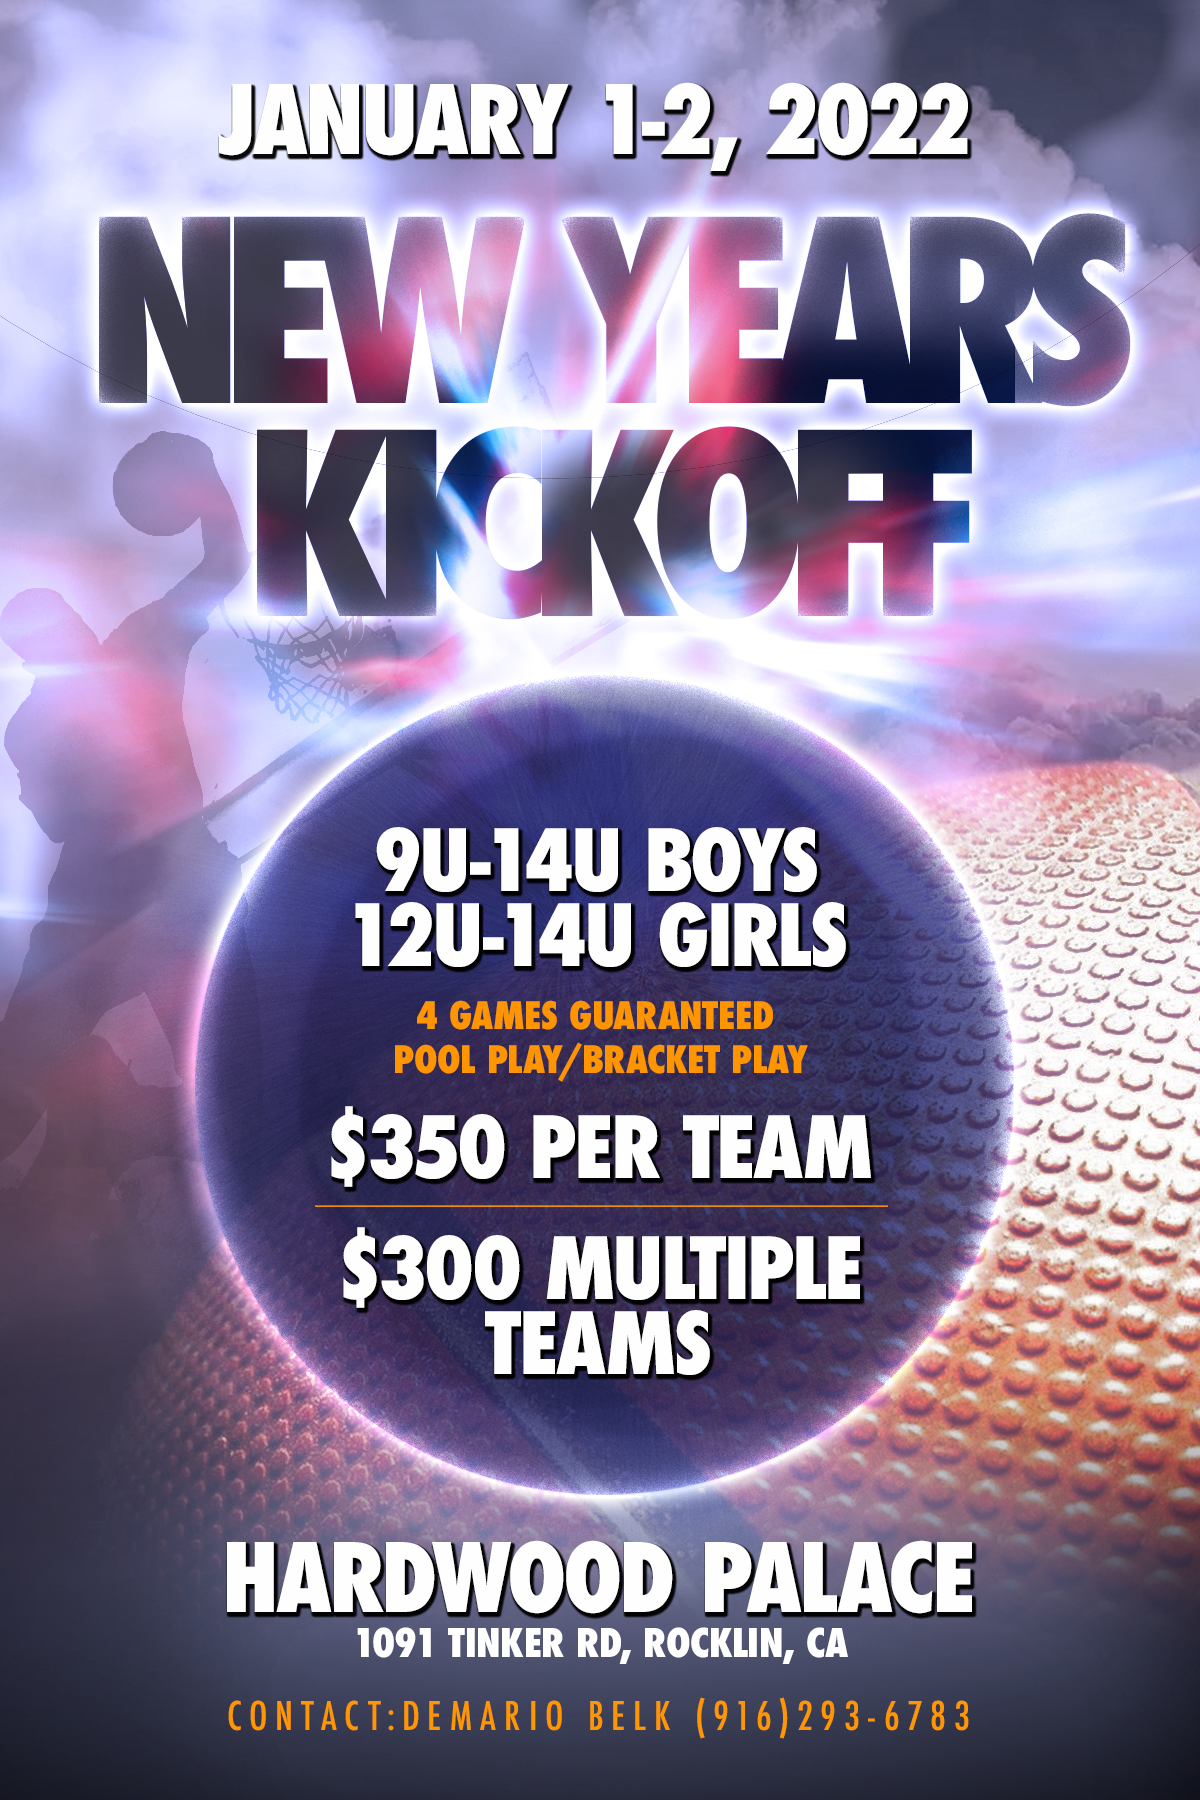 NEW YEAR'S KICKOFF